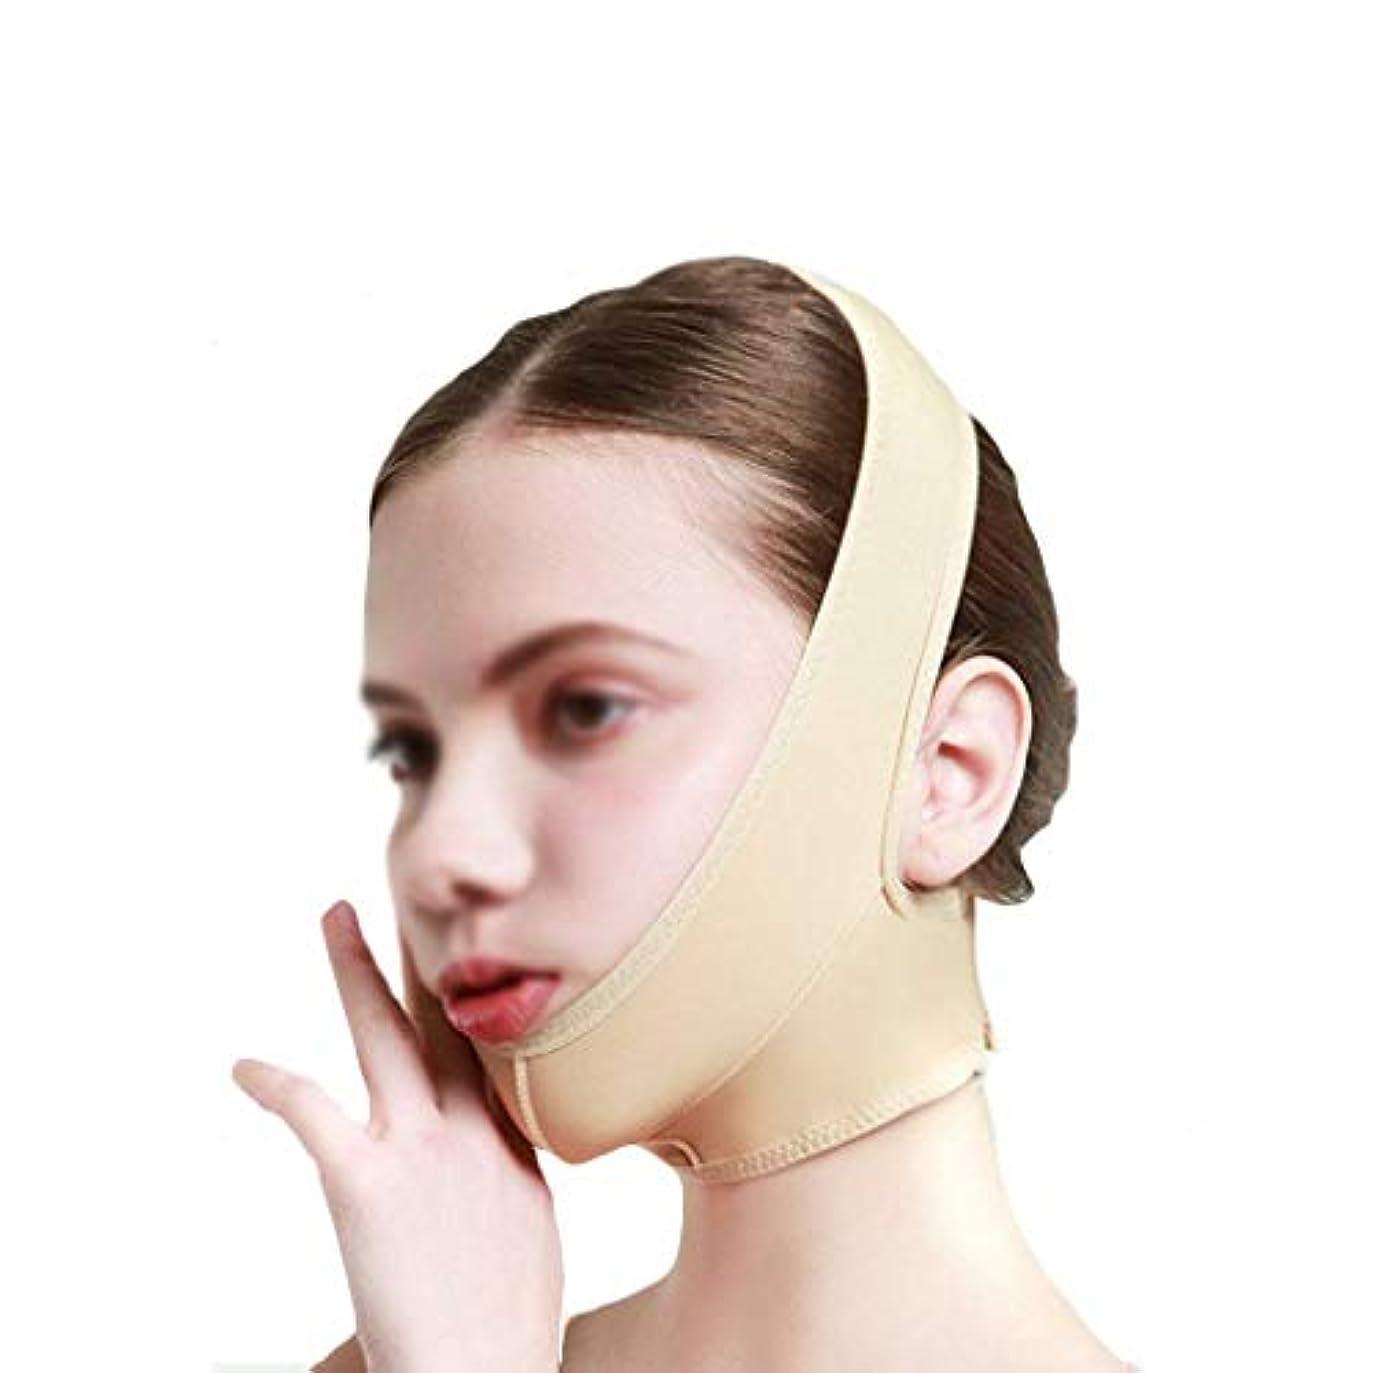 不利本物の含意ダブルチンリデューサー、フェイススリミングマスク、フェイスリフティング、ストレッチマスク、ダブルチン、浮腫緩和、ケアツール、通気性(サイズ:XL),XL